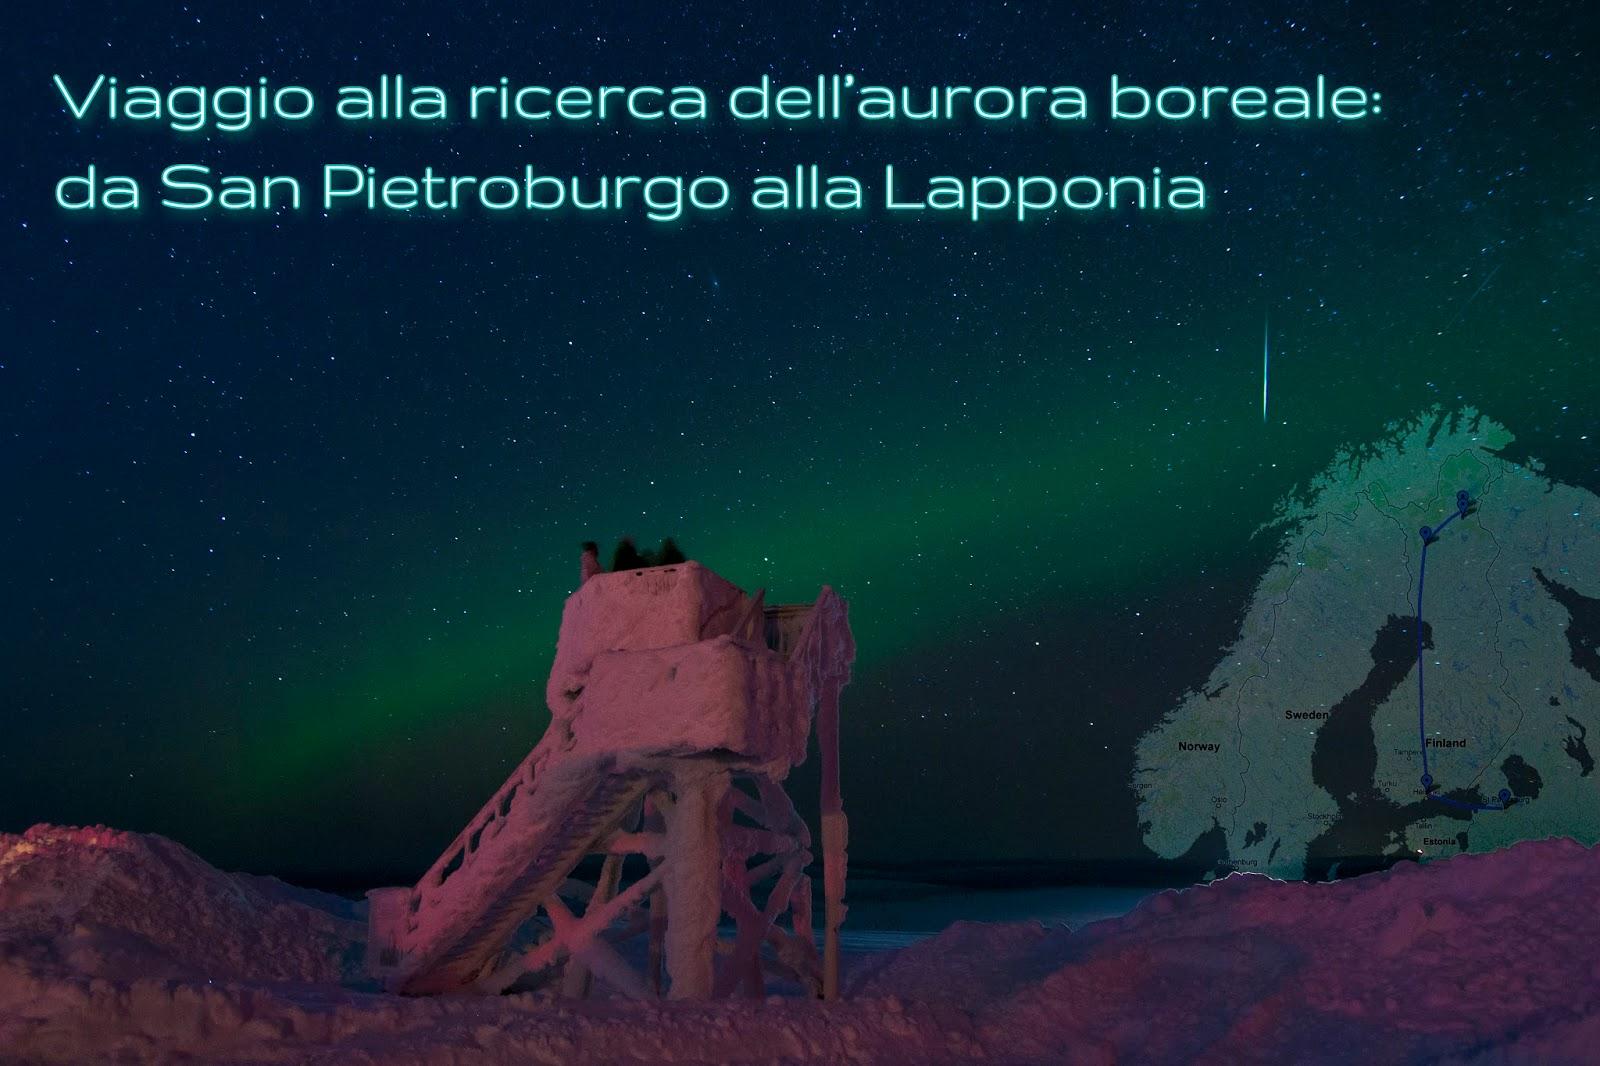 Viaggio-alla-ricerca-dell-aurora-boreale